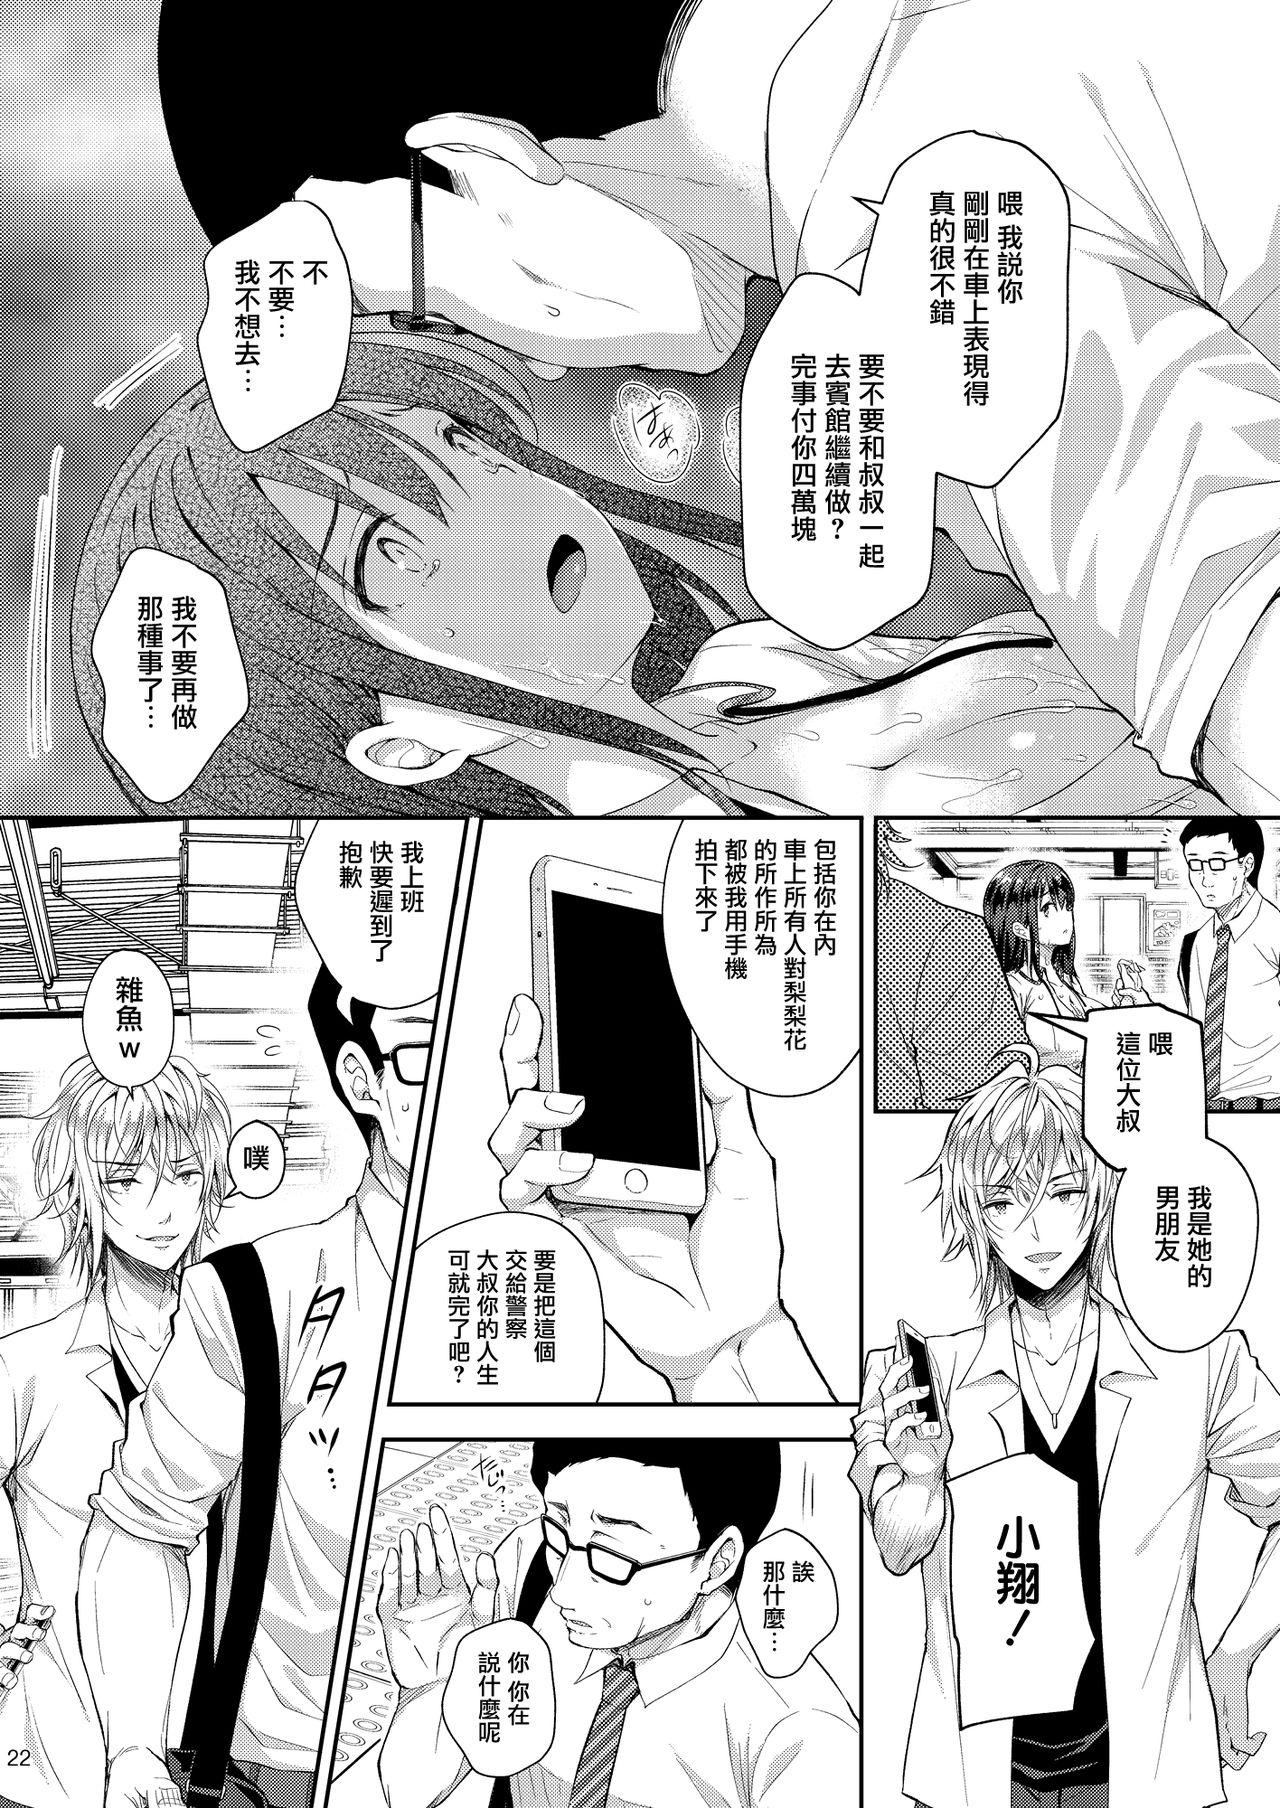 Chijoku no Chikan Densha 4 22